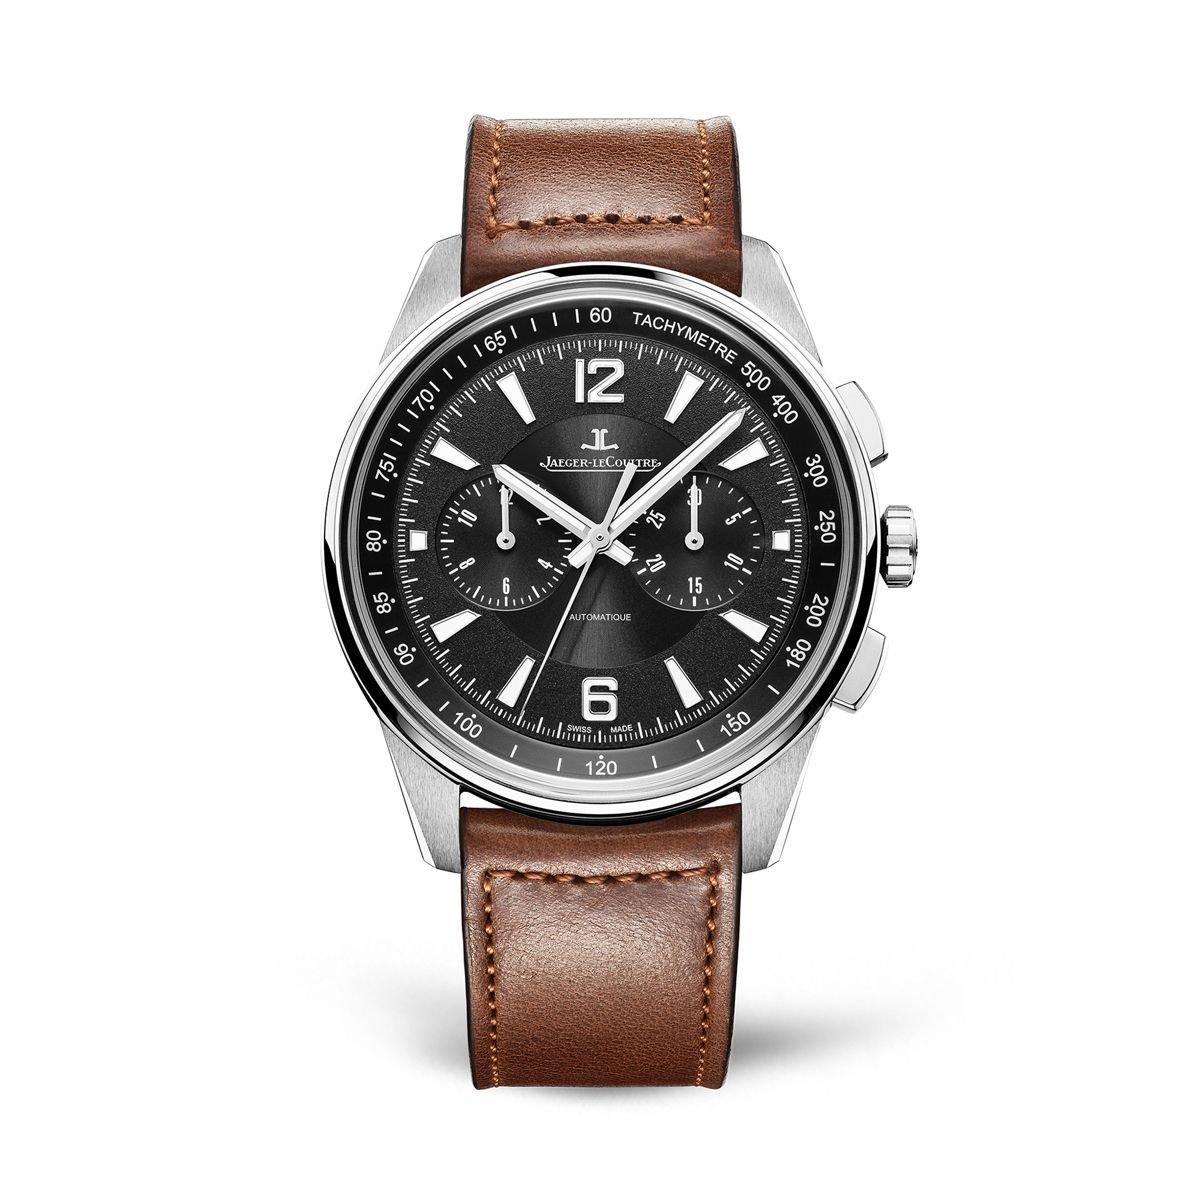 Jaeger-LeCoultre Polaris Q9028471 - Reloj automático de acero inoxidable para hombre, esfera negra: Amazon.es: Relojes